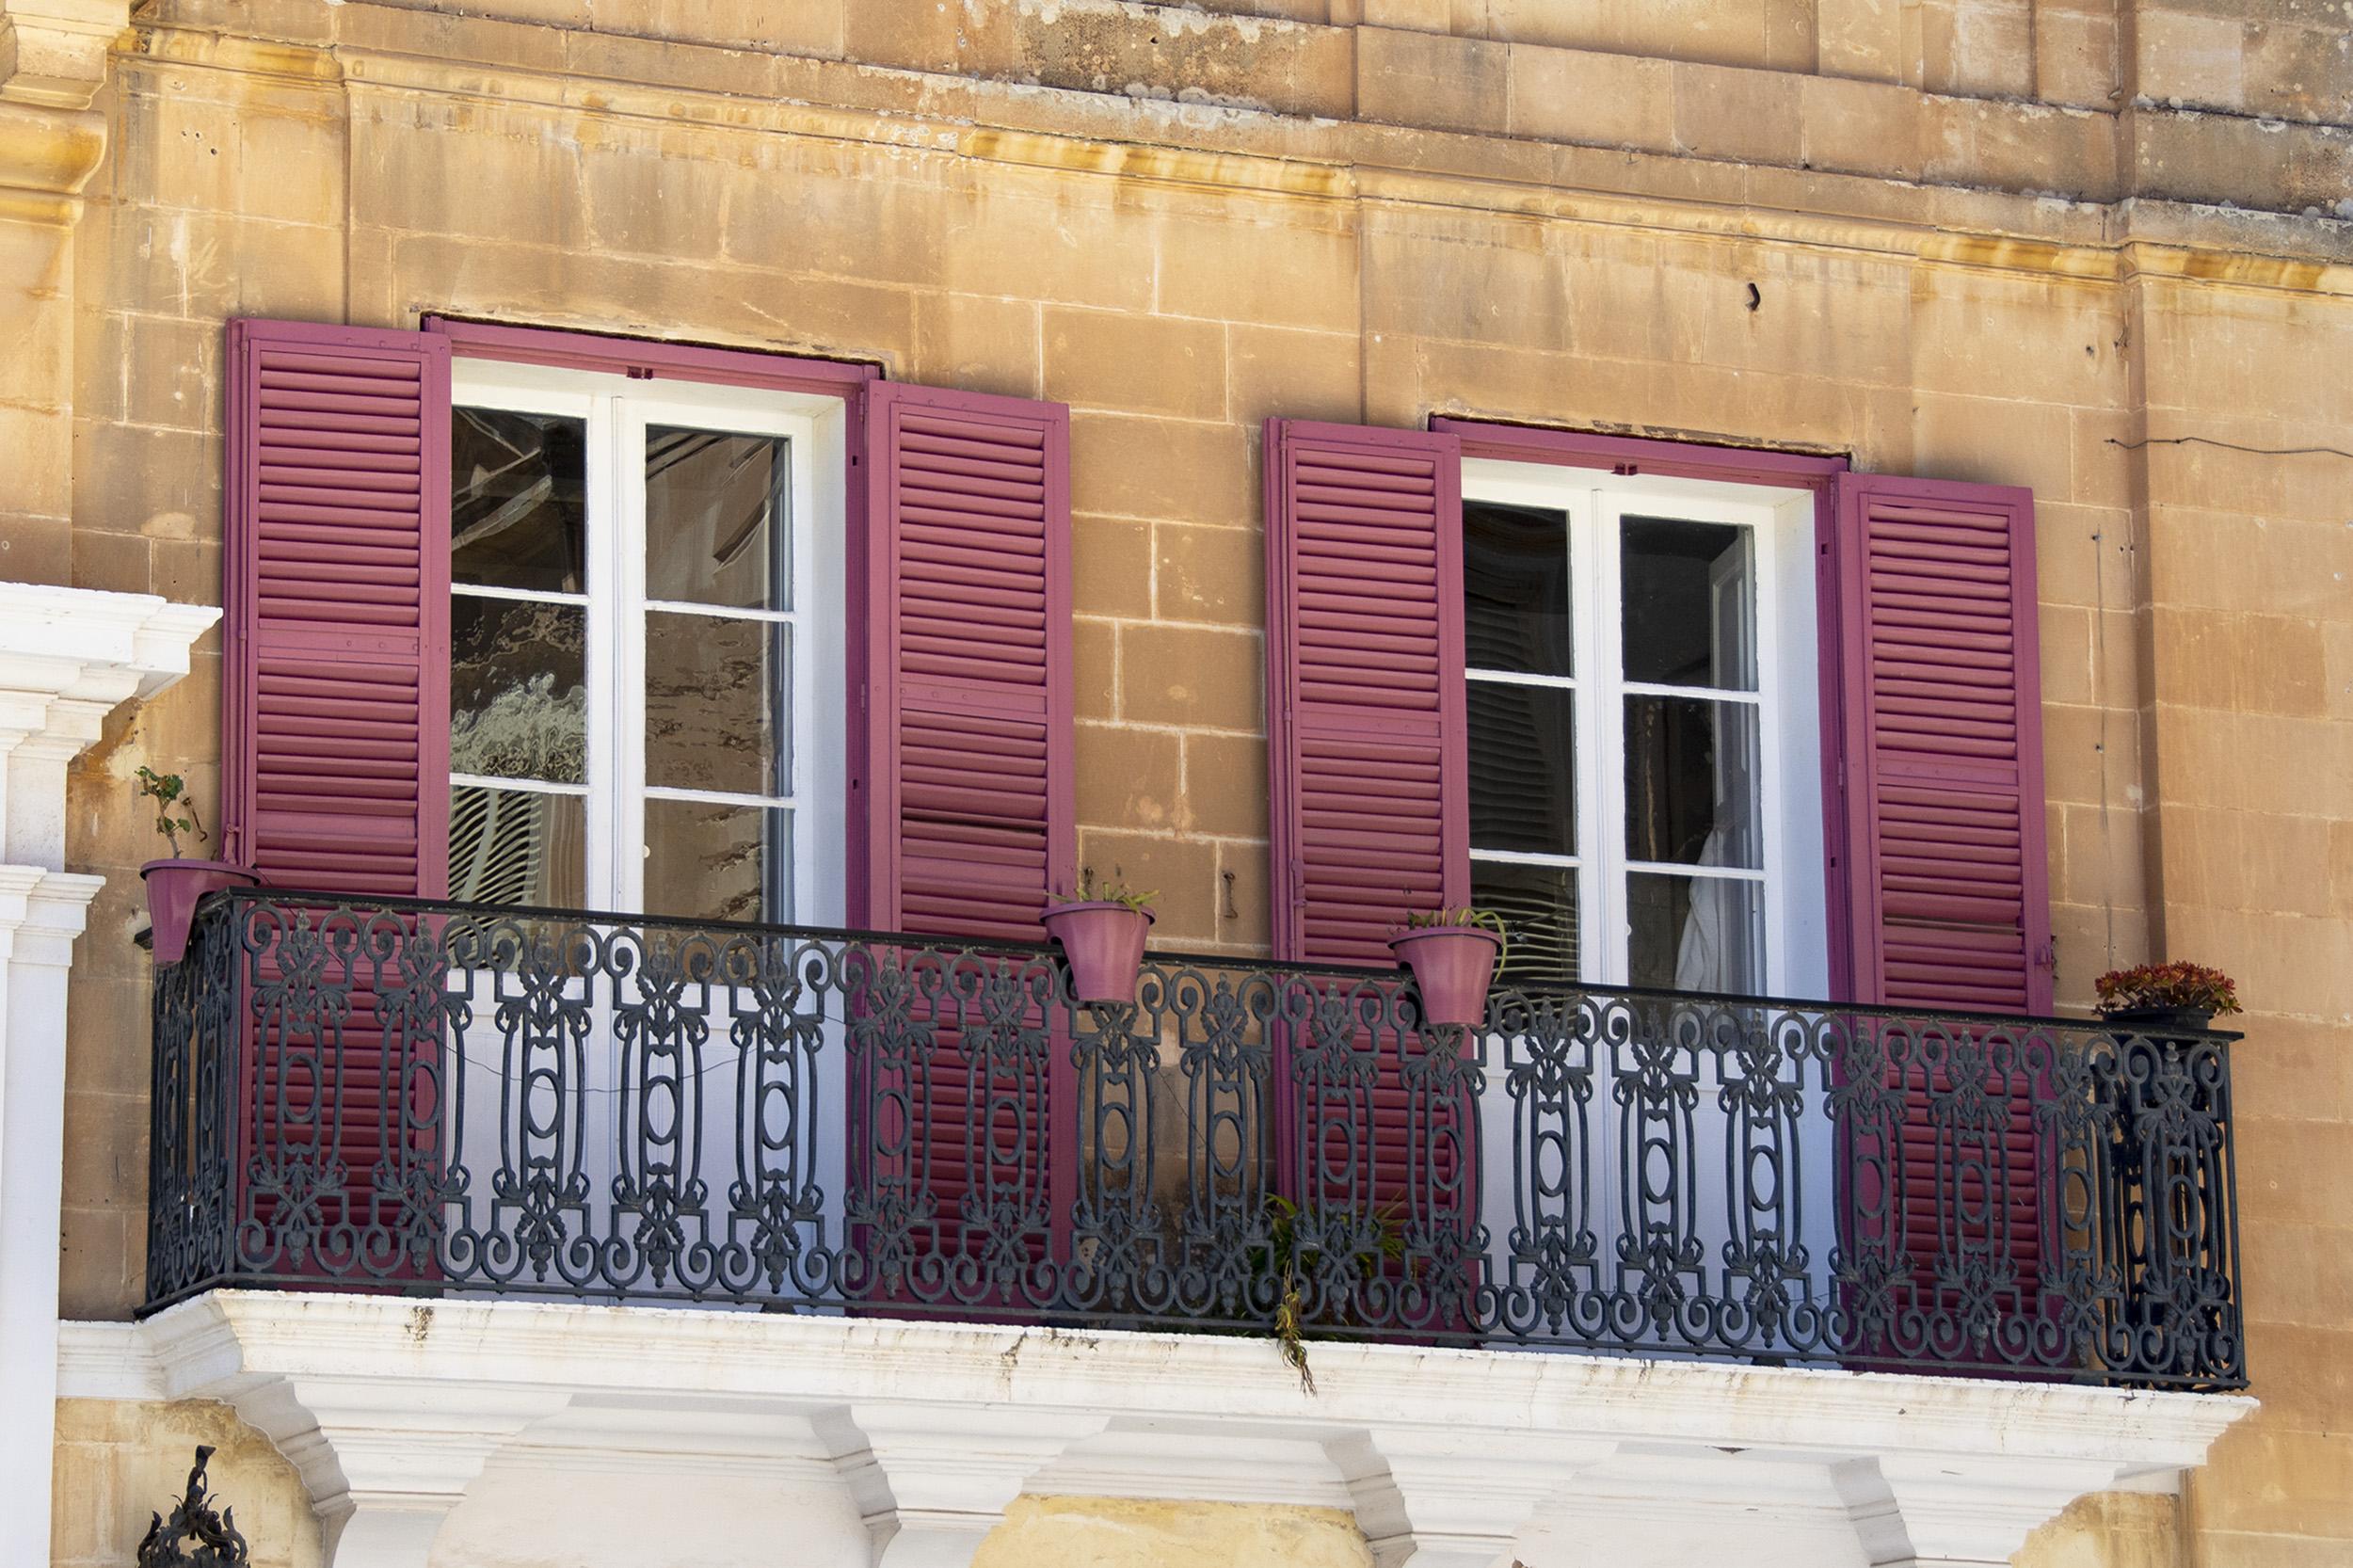 Rosa fönster i Mdina, Malta